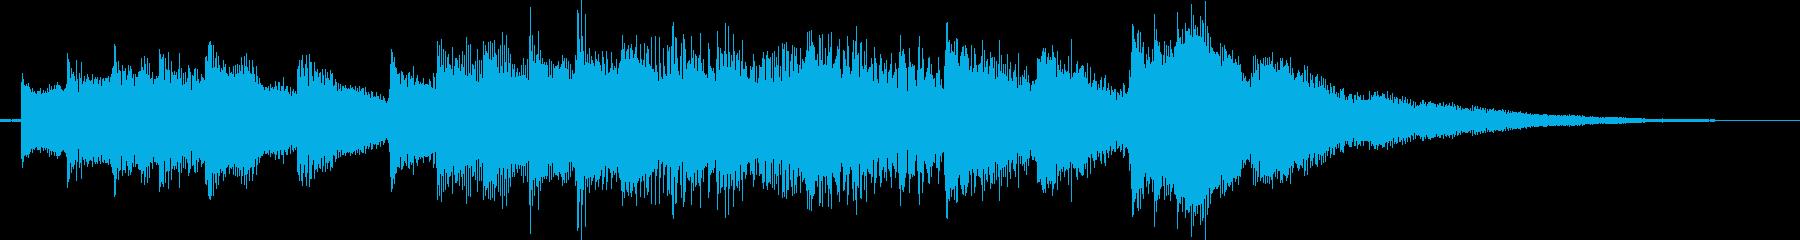 発車メロディ的なジングルチャイムの再生済みの波形